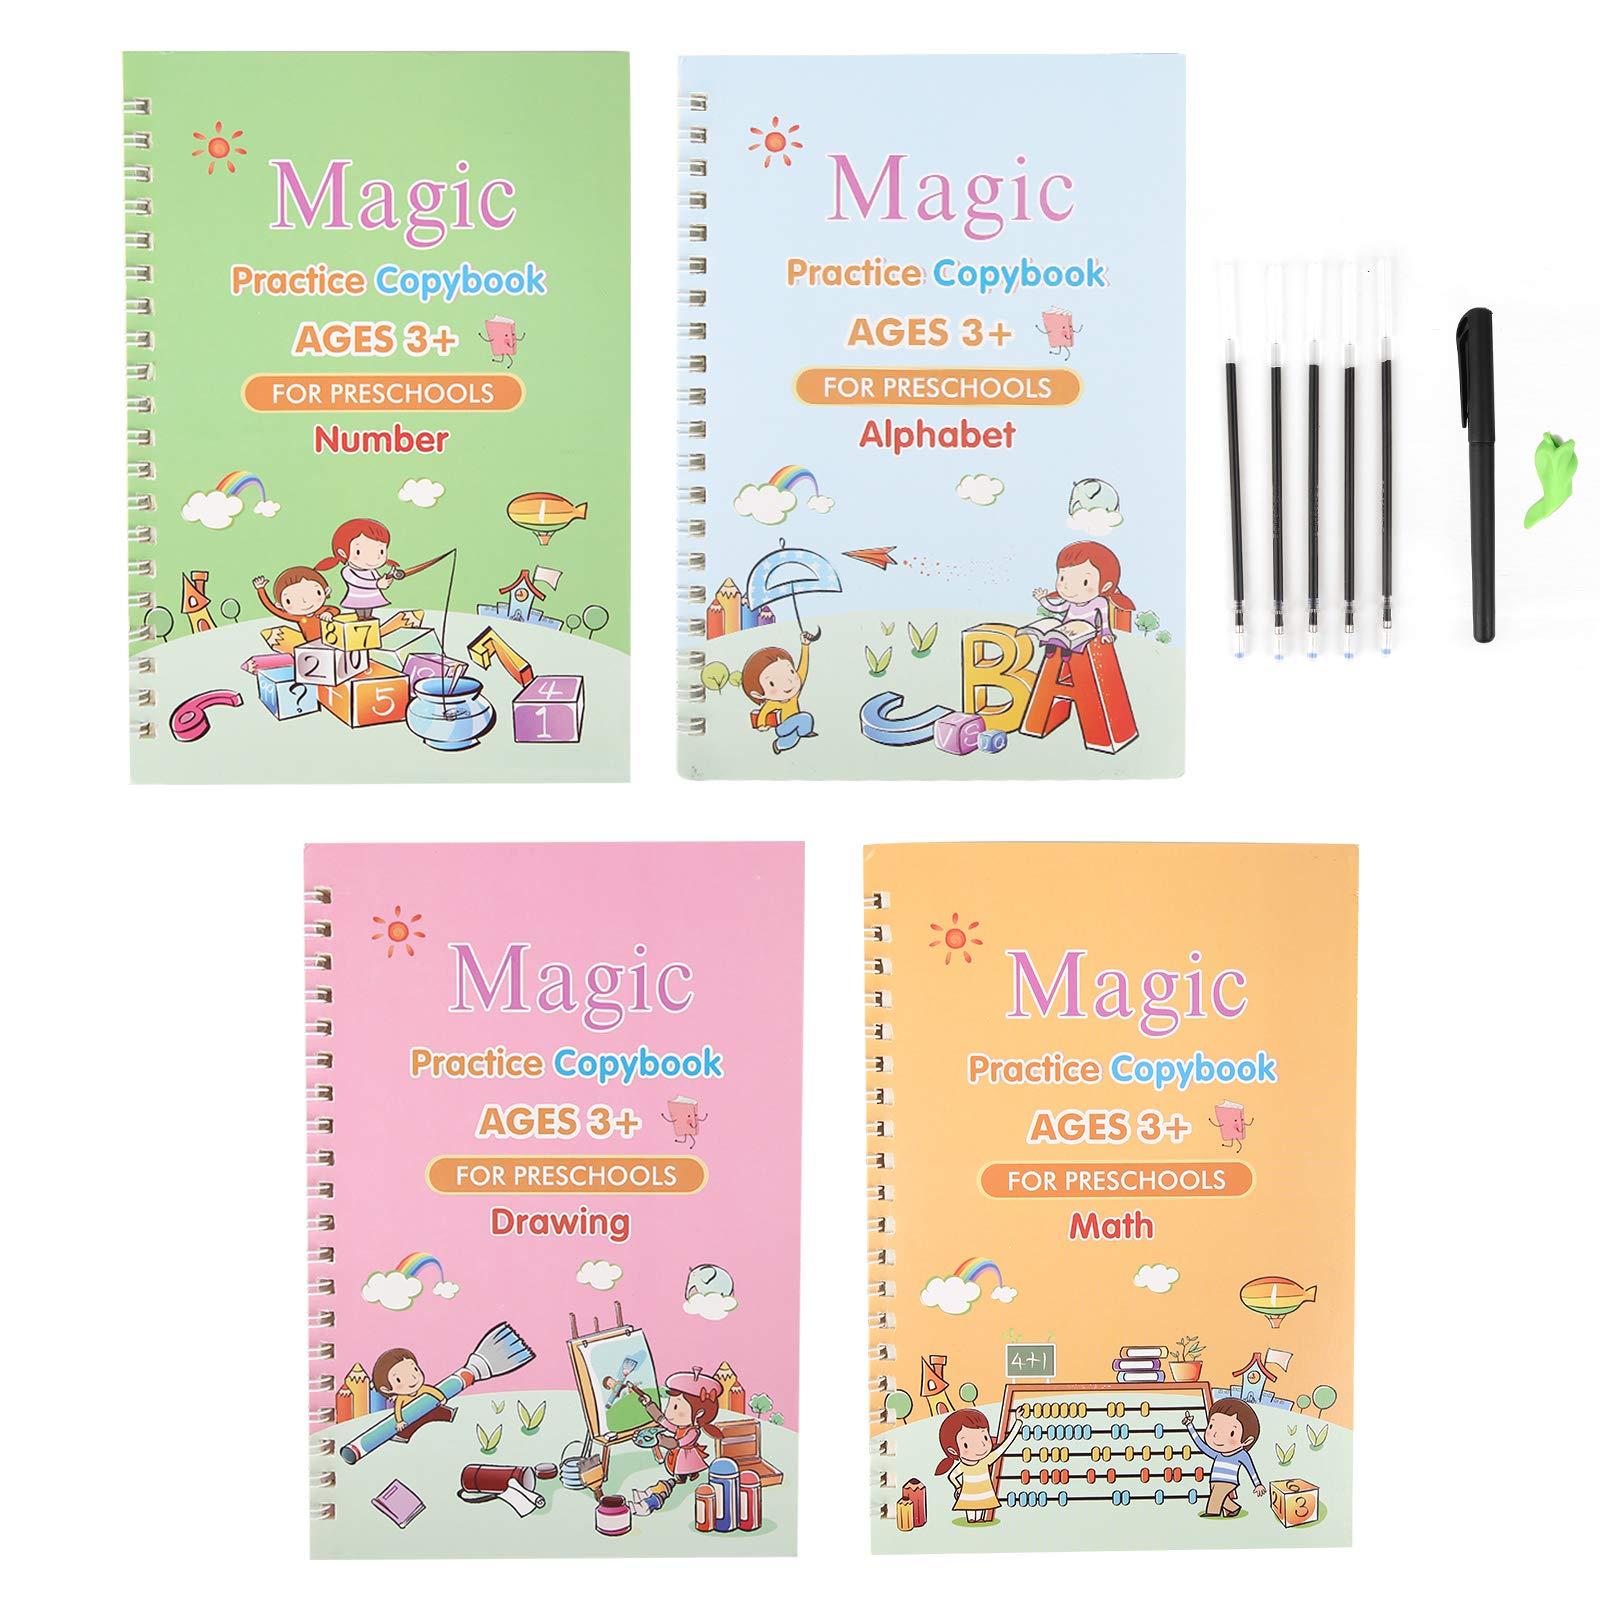 Magic Practice Copybook, English Magic Handwriting Copybook, Reusable Writing Practice Book Set with Pen for Kids